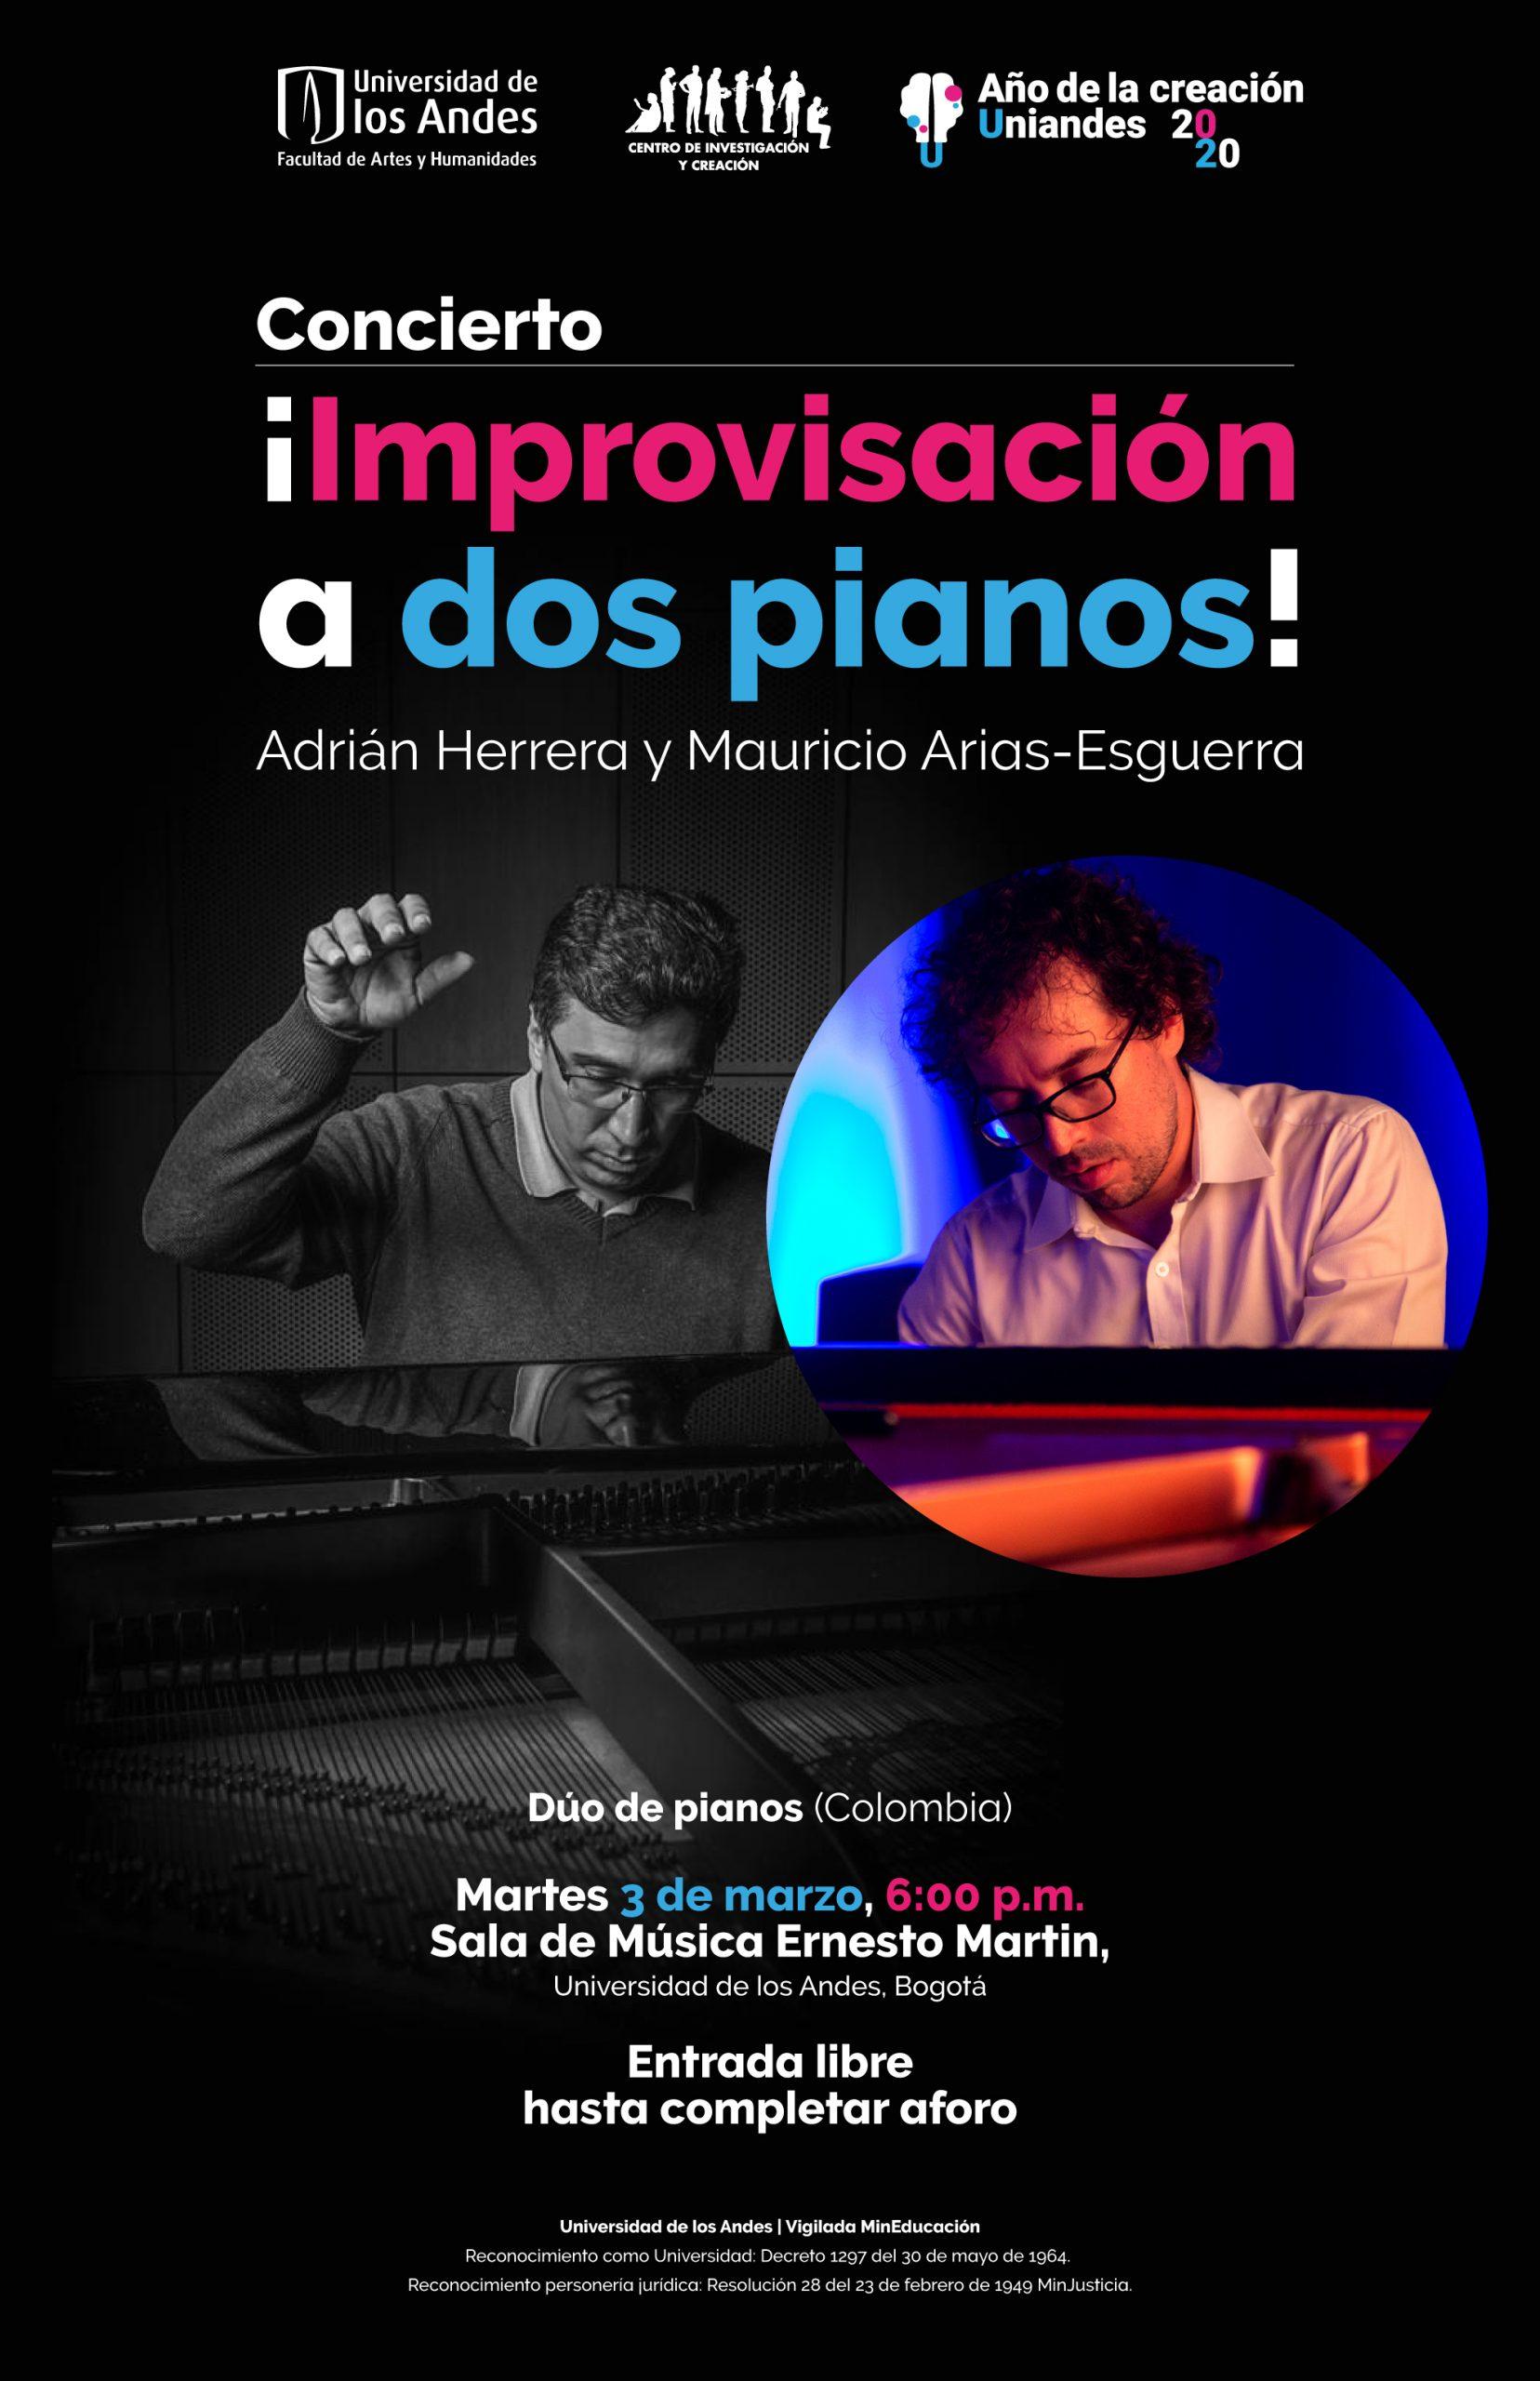 Improvisación a dos pianos